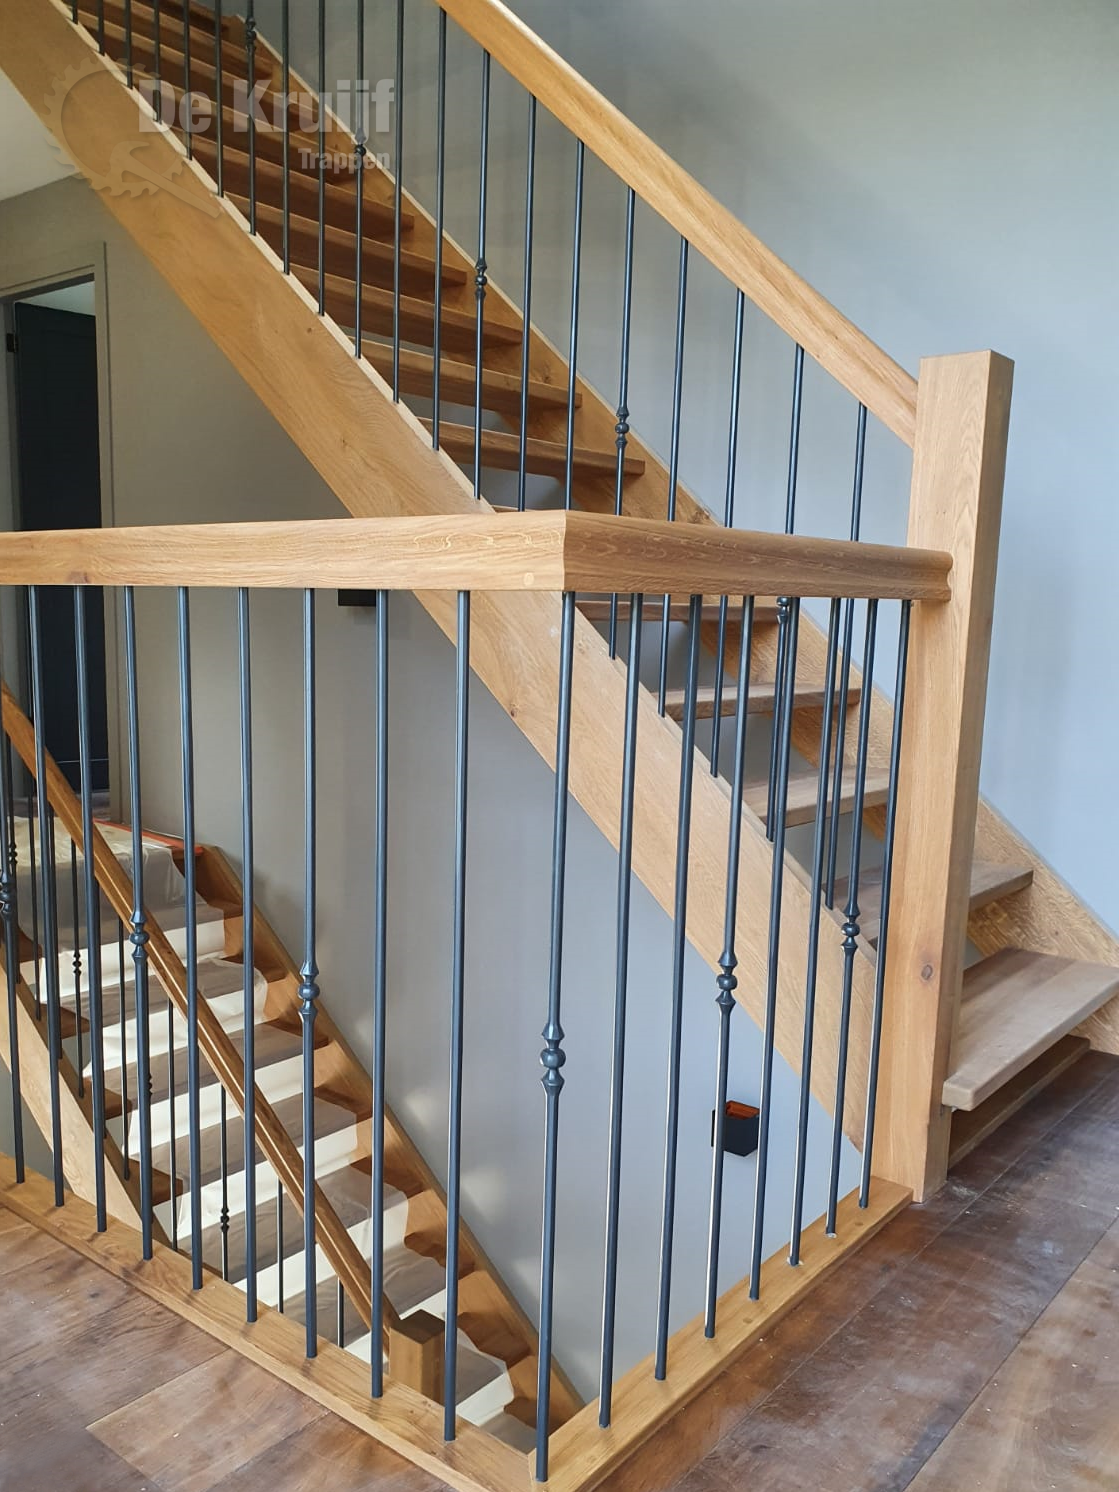 Bordestrappen in trappenhuis - Foto 4